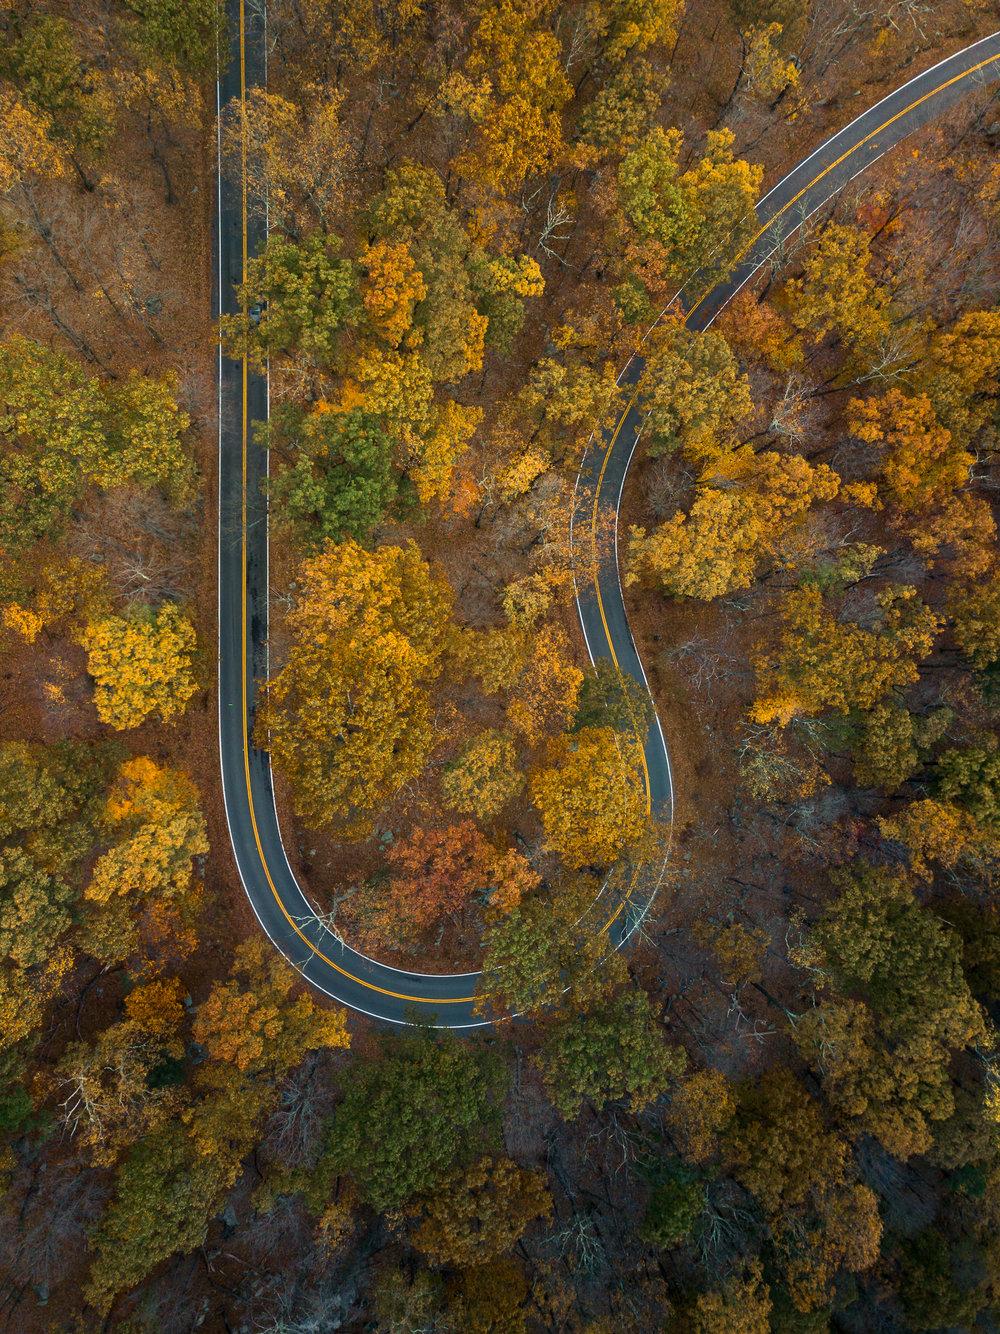 fallhairpinharriman_typoland_aerial-1.jpg